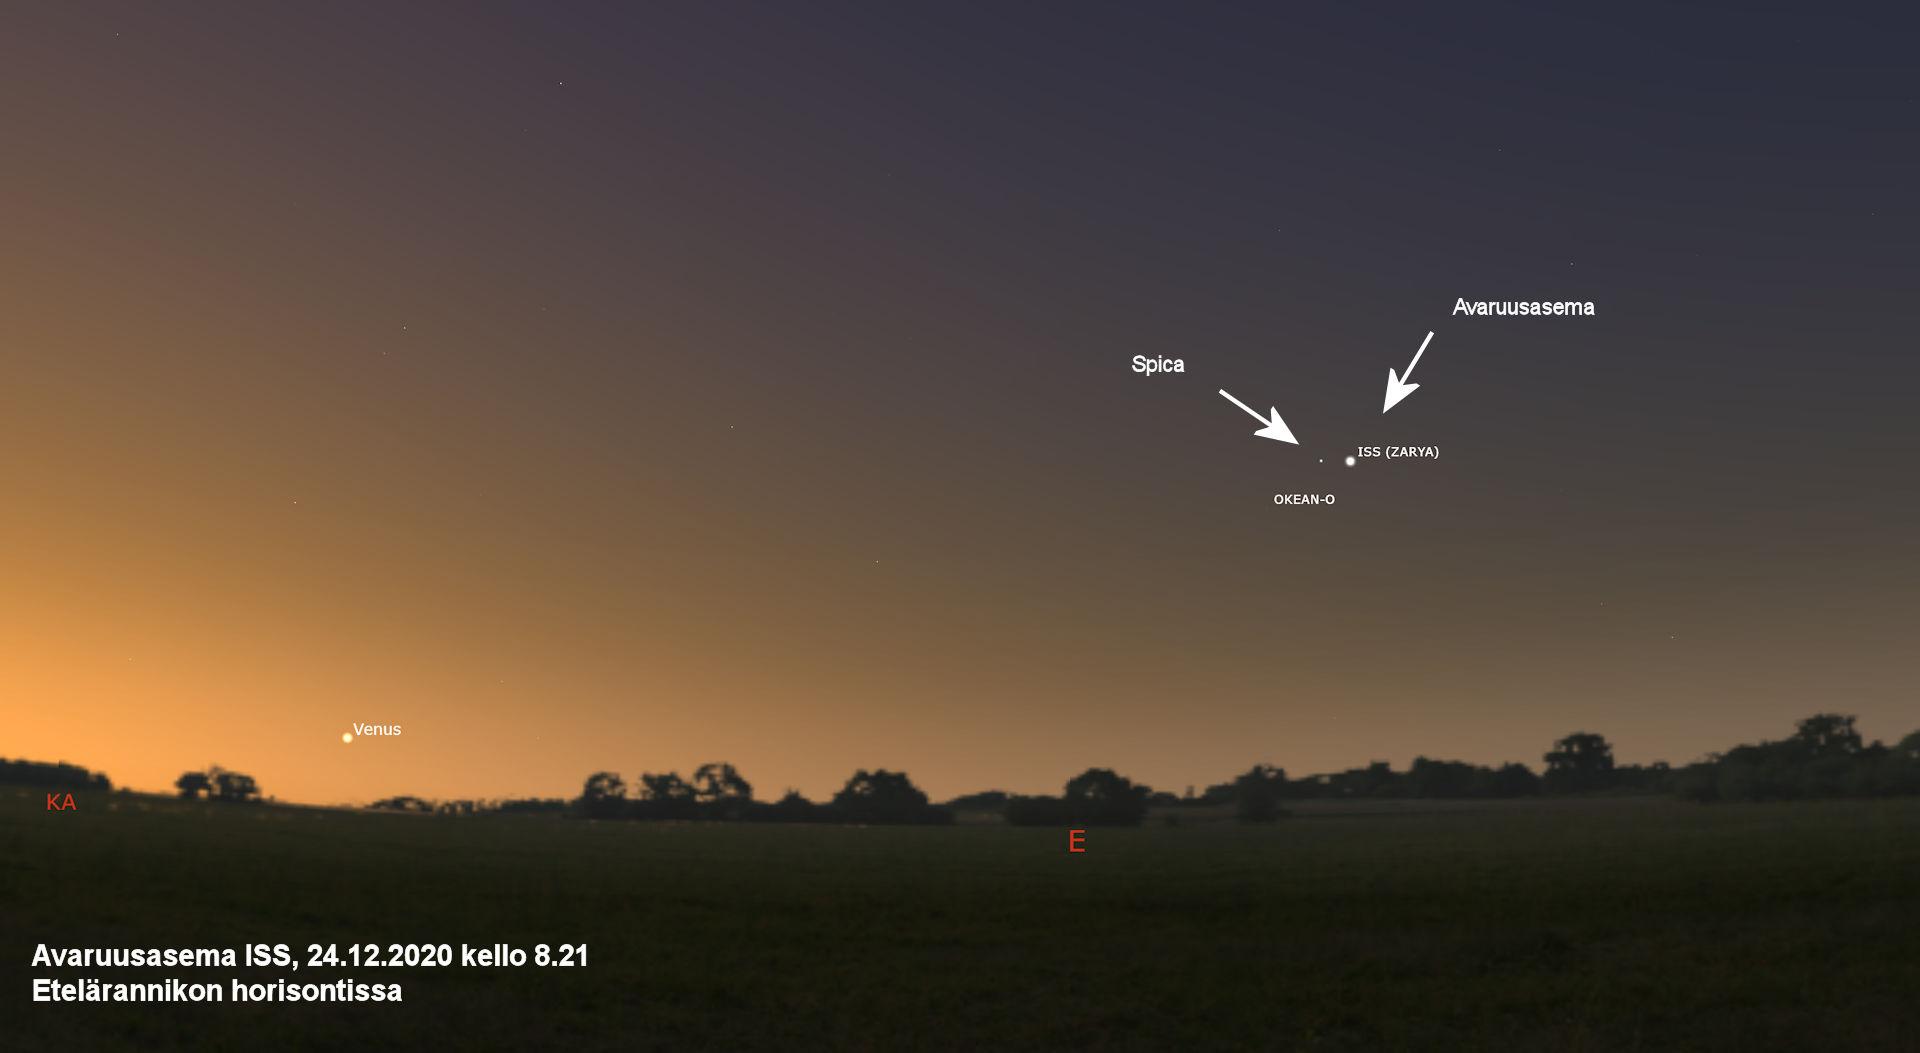 Avaruusasema etelärannikon horisontissa 24.12.2020 kello 8.21